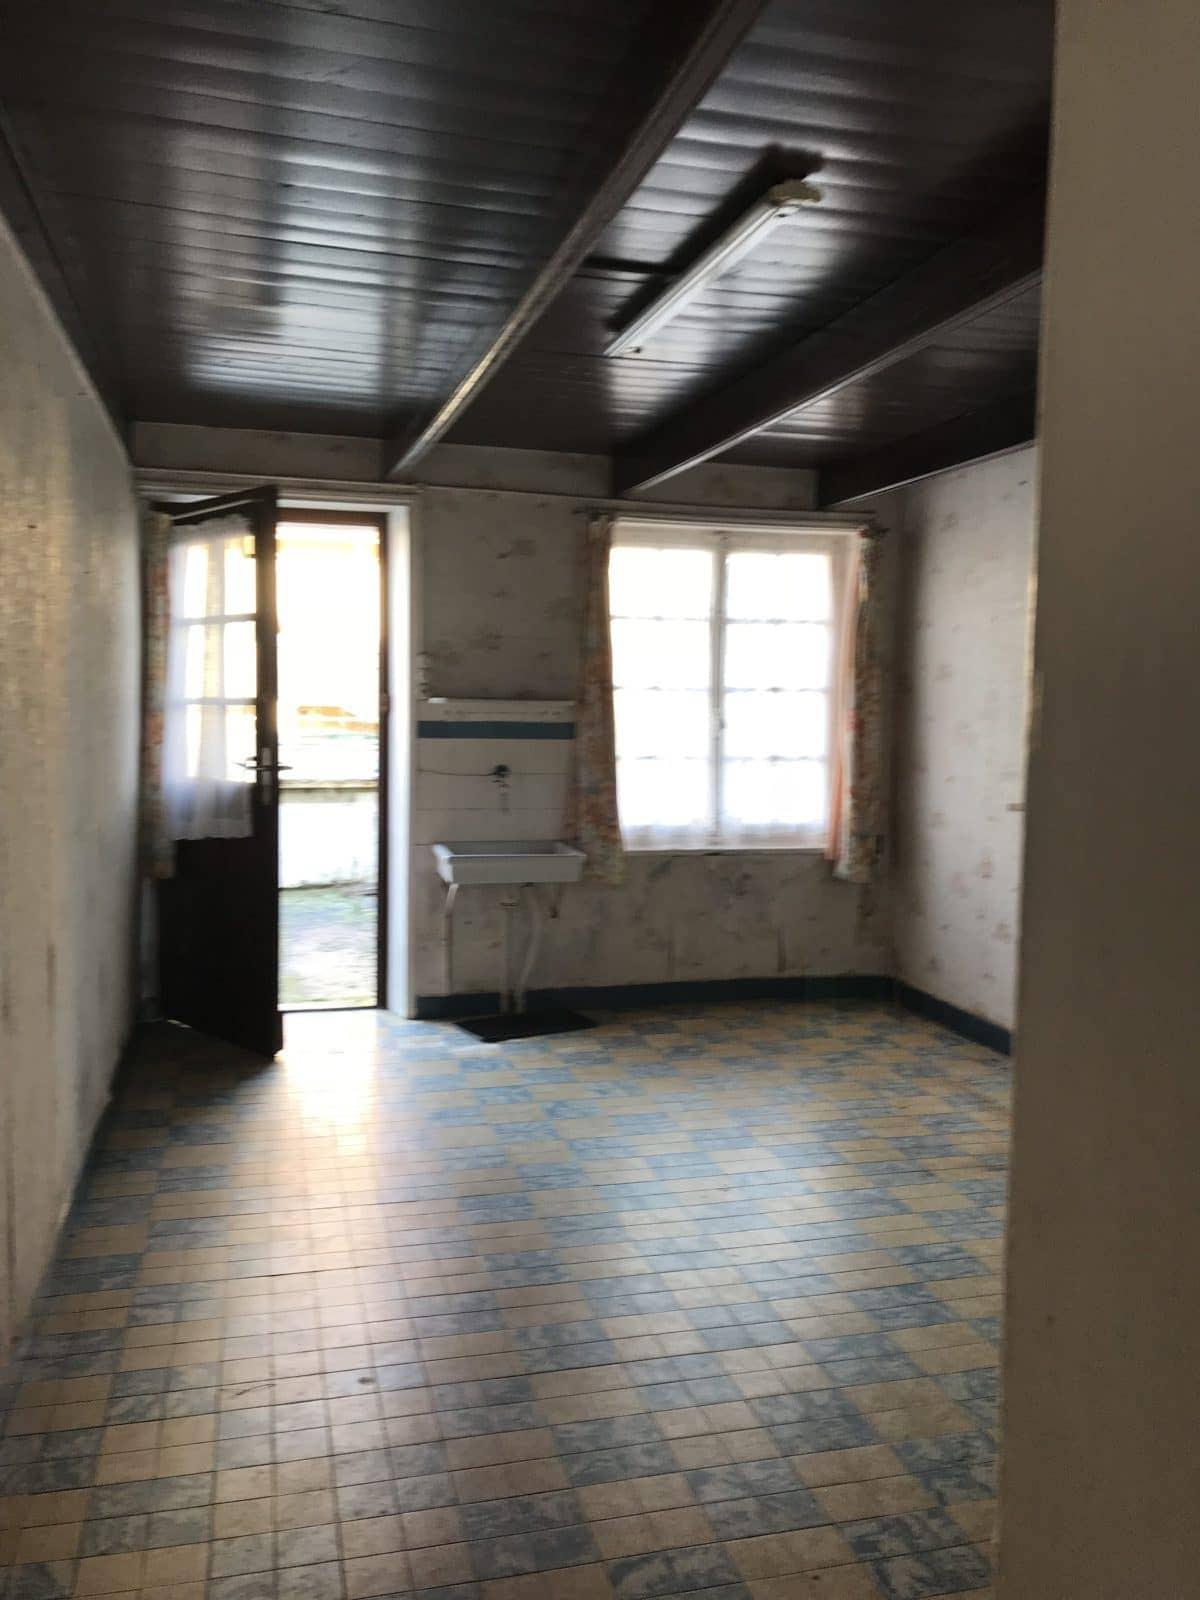 entree-et-salon-avant-travaux-de-renovation-et-creation-d-une-extension